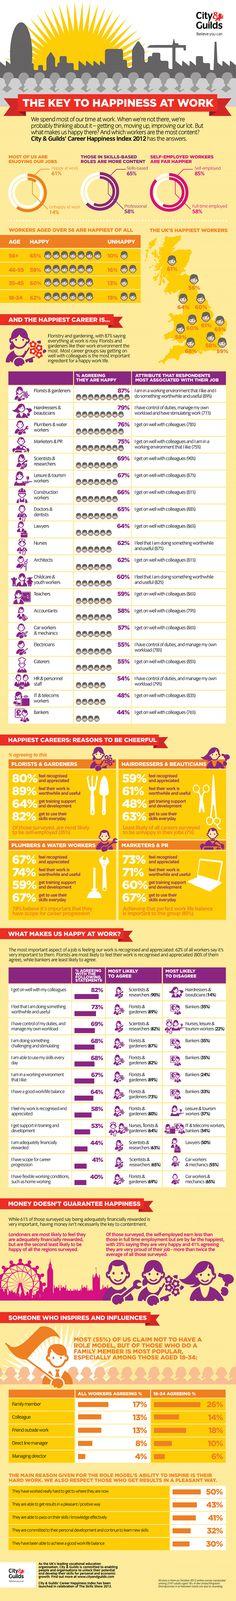 Zuckerbrot: Der Schlüssel für mehr Freude an der Arbeit (#Infografik)